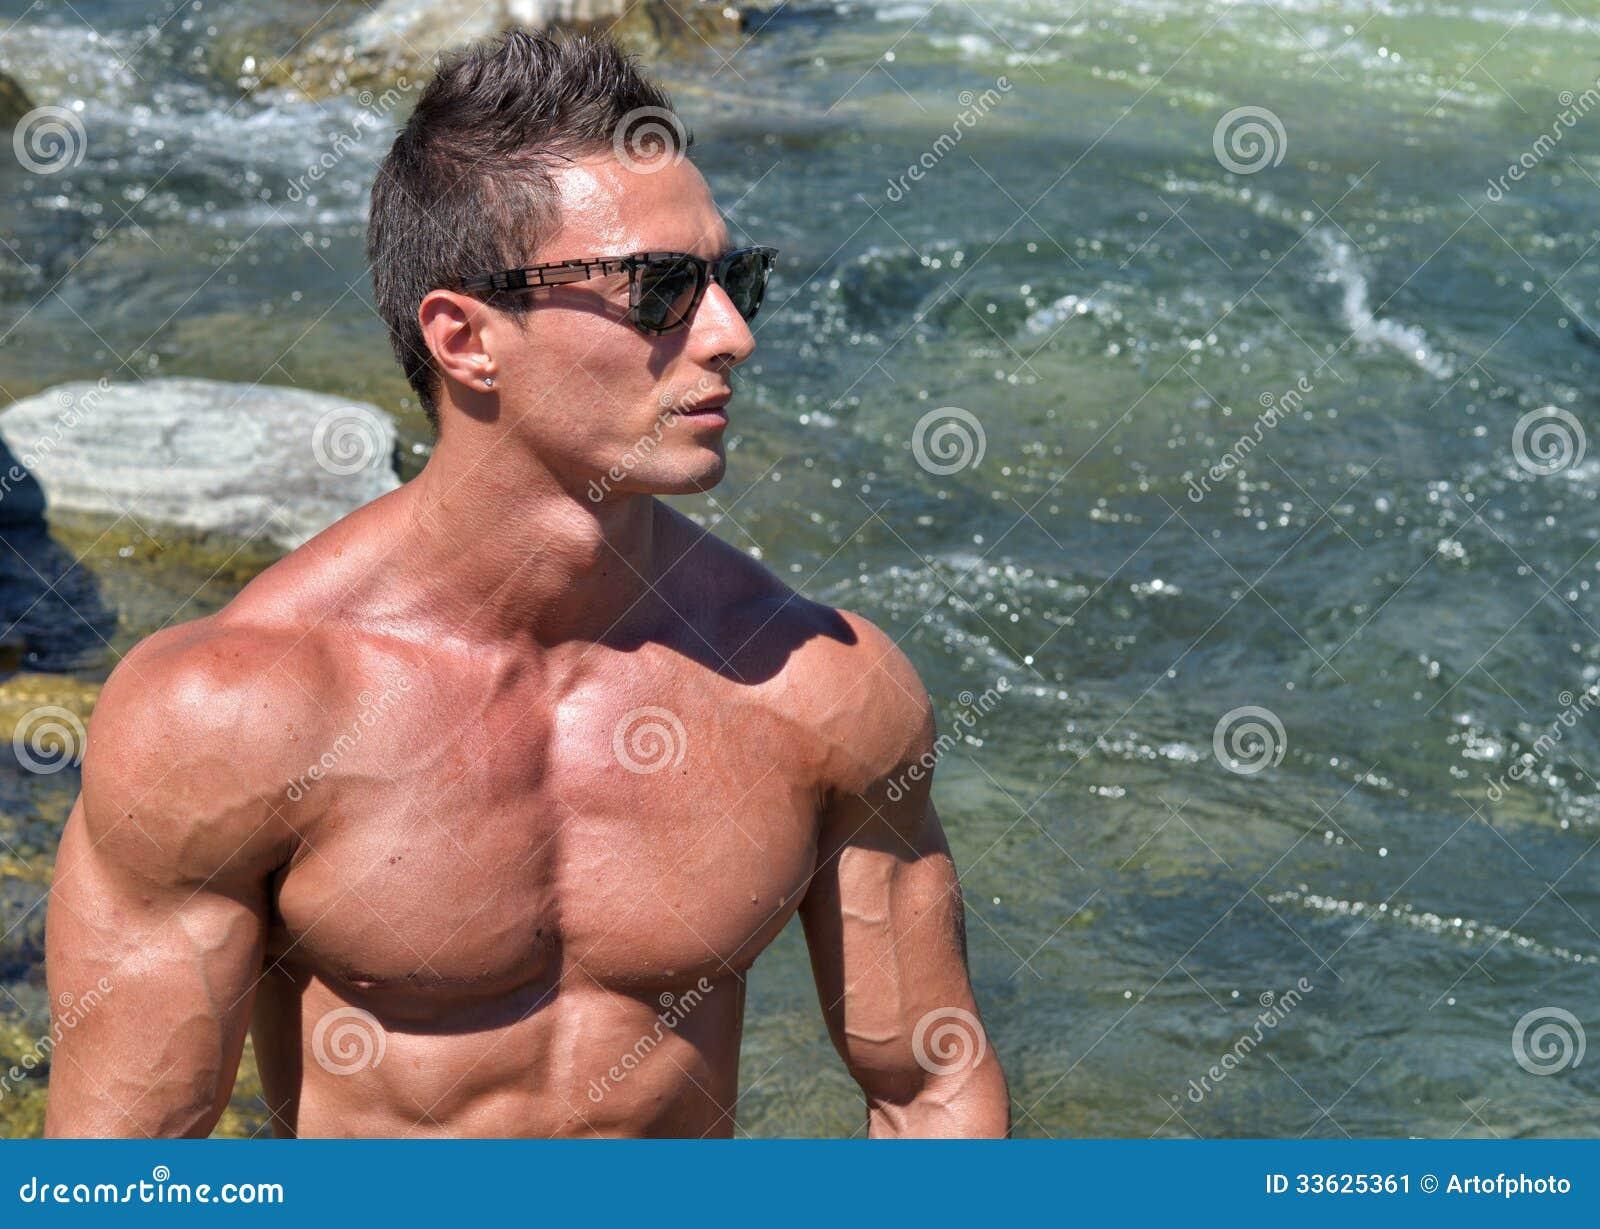 attractive nude men and women